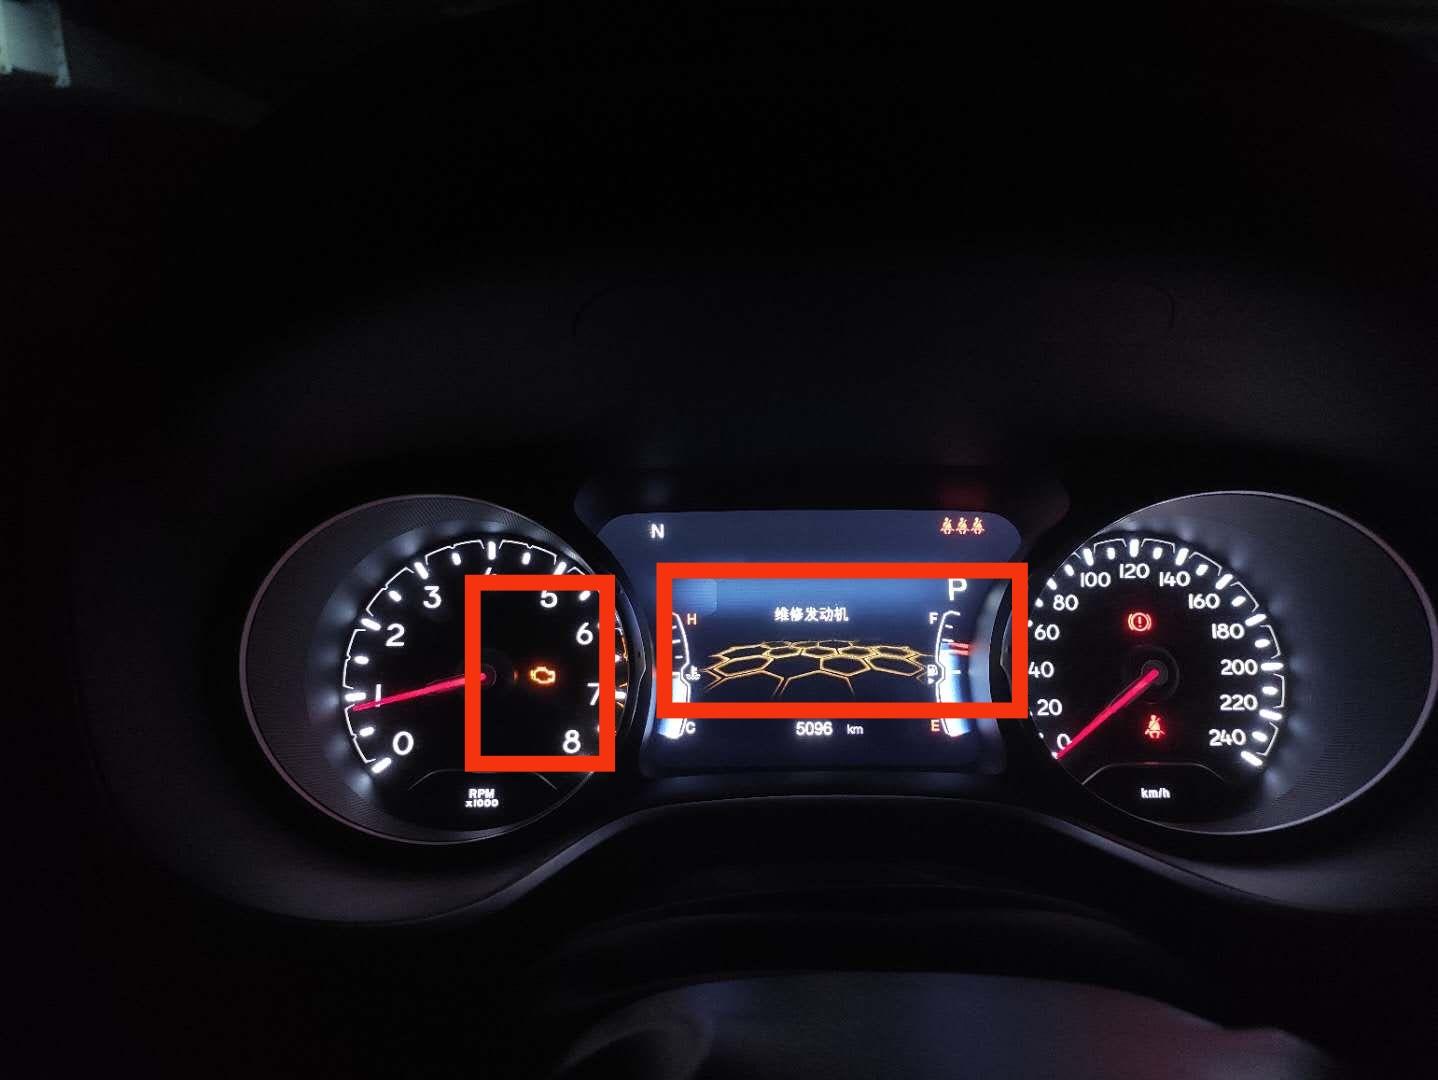 廣汽菲克Jeep指南者發動機可變節氣門執行器損壞和彈簧金屬配件斷裂,導致發動機及啟停故障